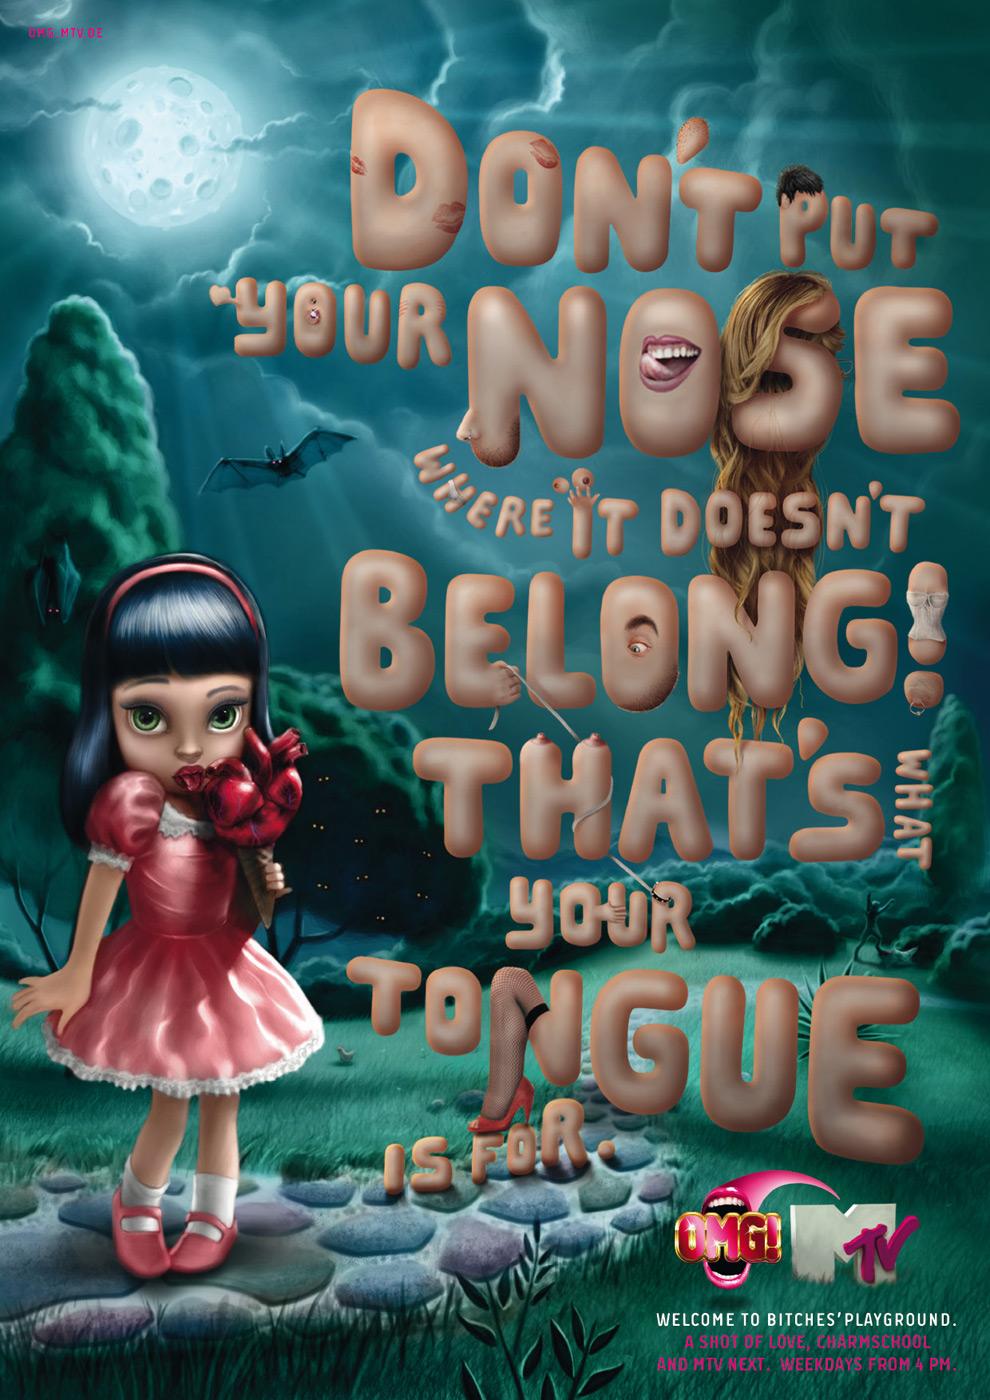 http://www.ibelieveinadv.com/commons/Mtv_tongue.jpg